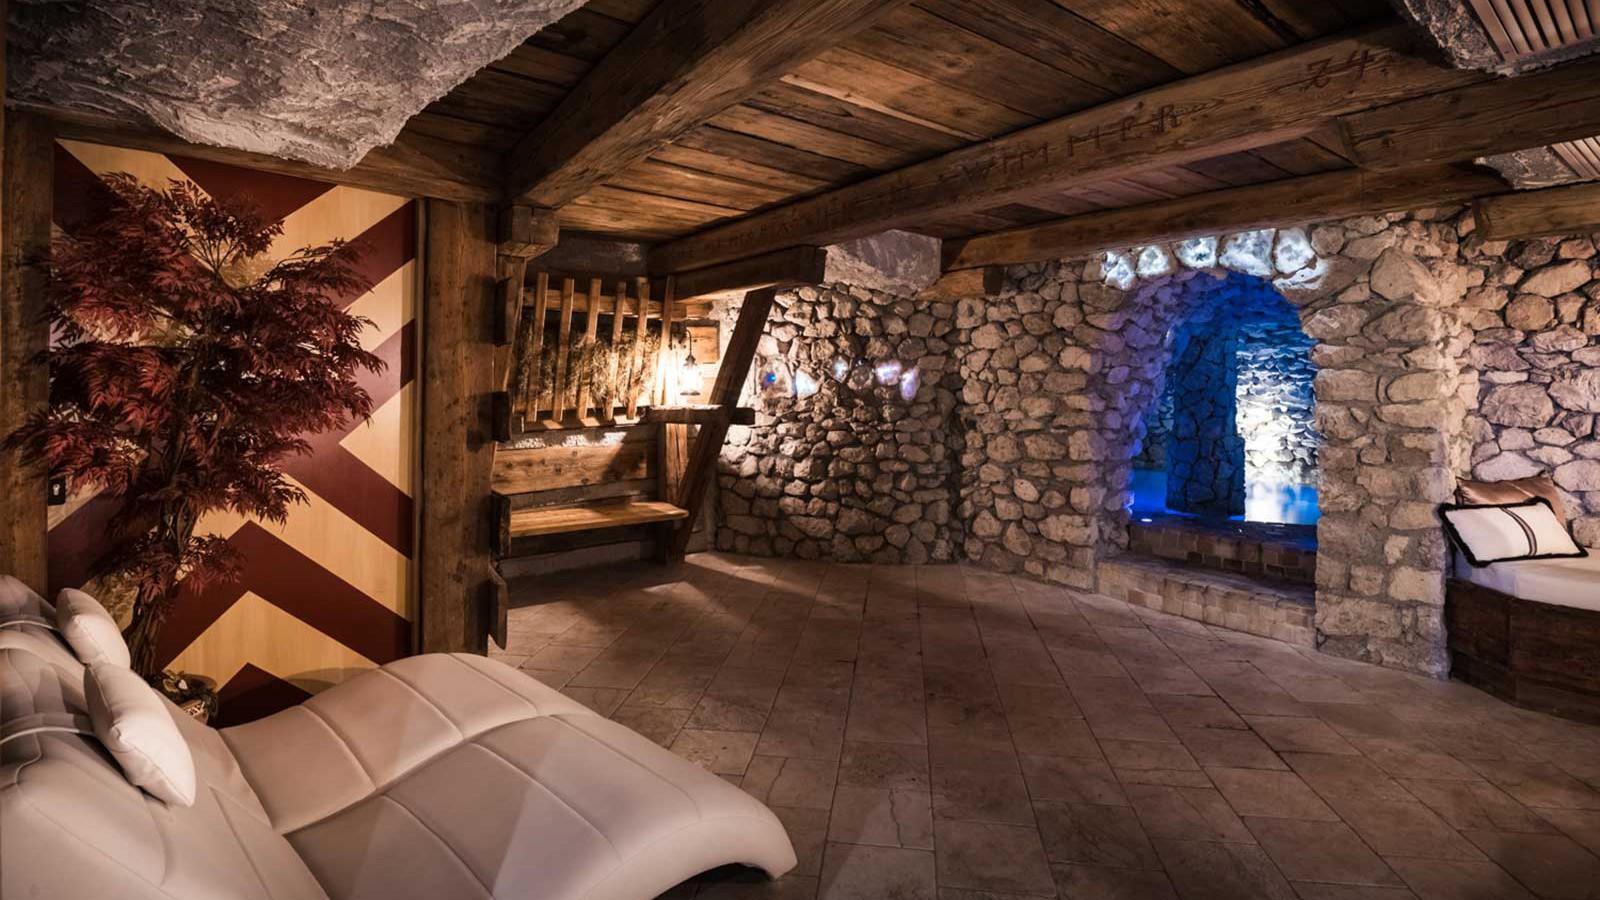 Alpenhotel Plaza - Spa